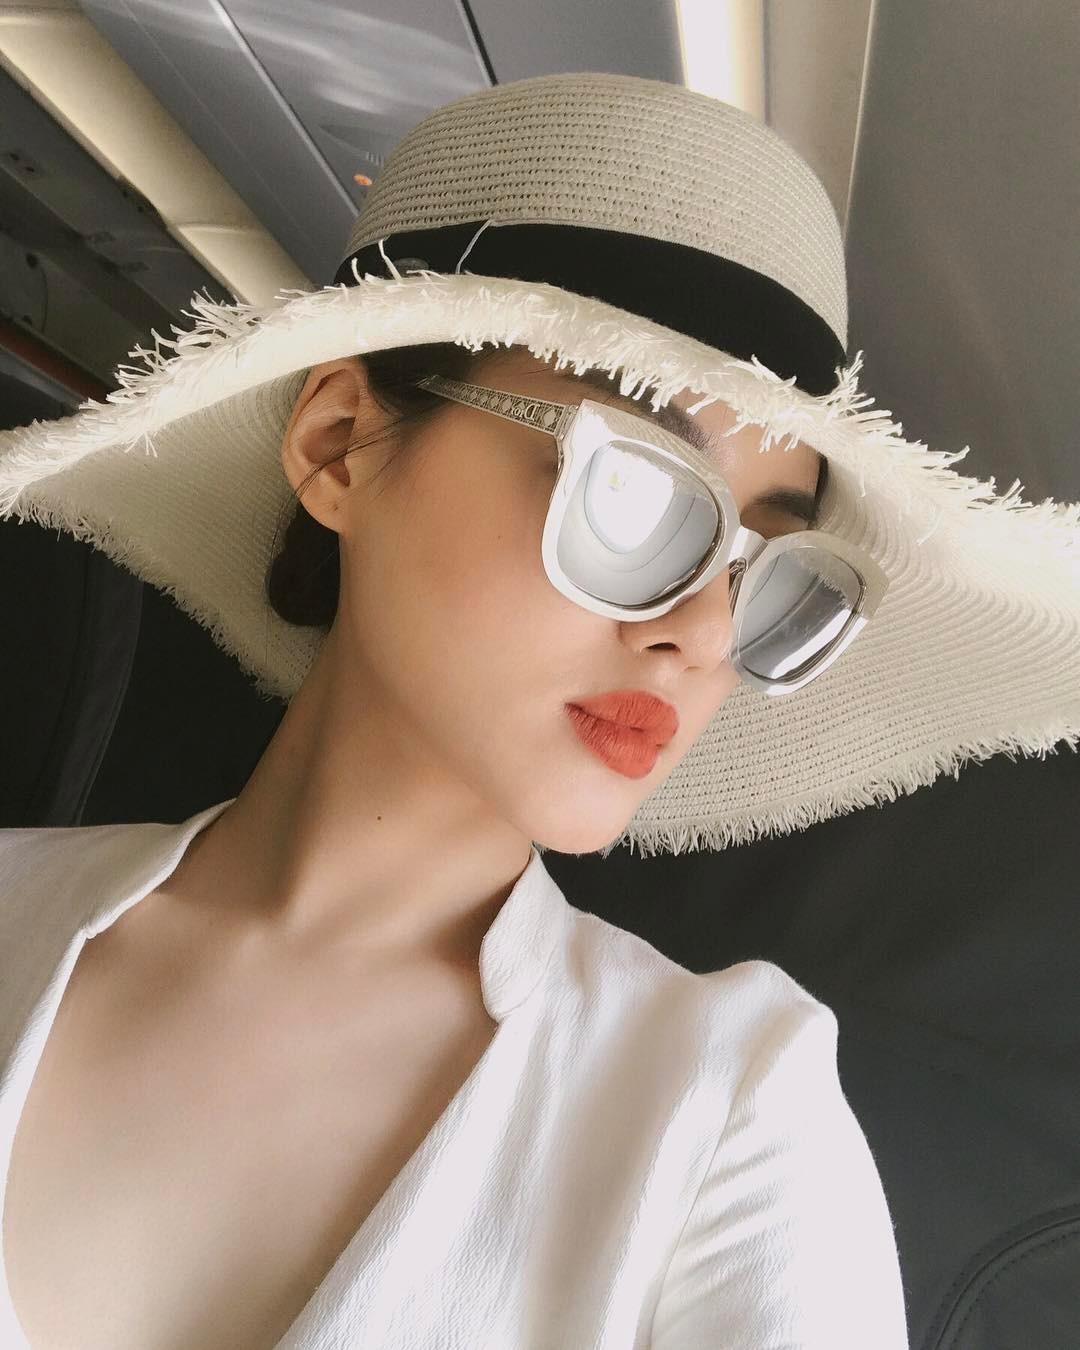 Mới 22 tuổi, Khánh Linh (The Face) đã có tủ đồ hiệu chẳng kém các đàn chị showbiz - Ảnh 6.